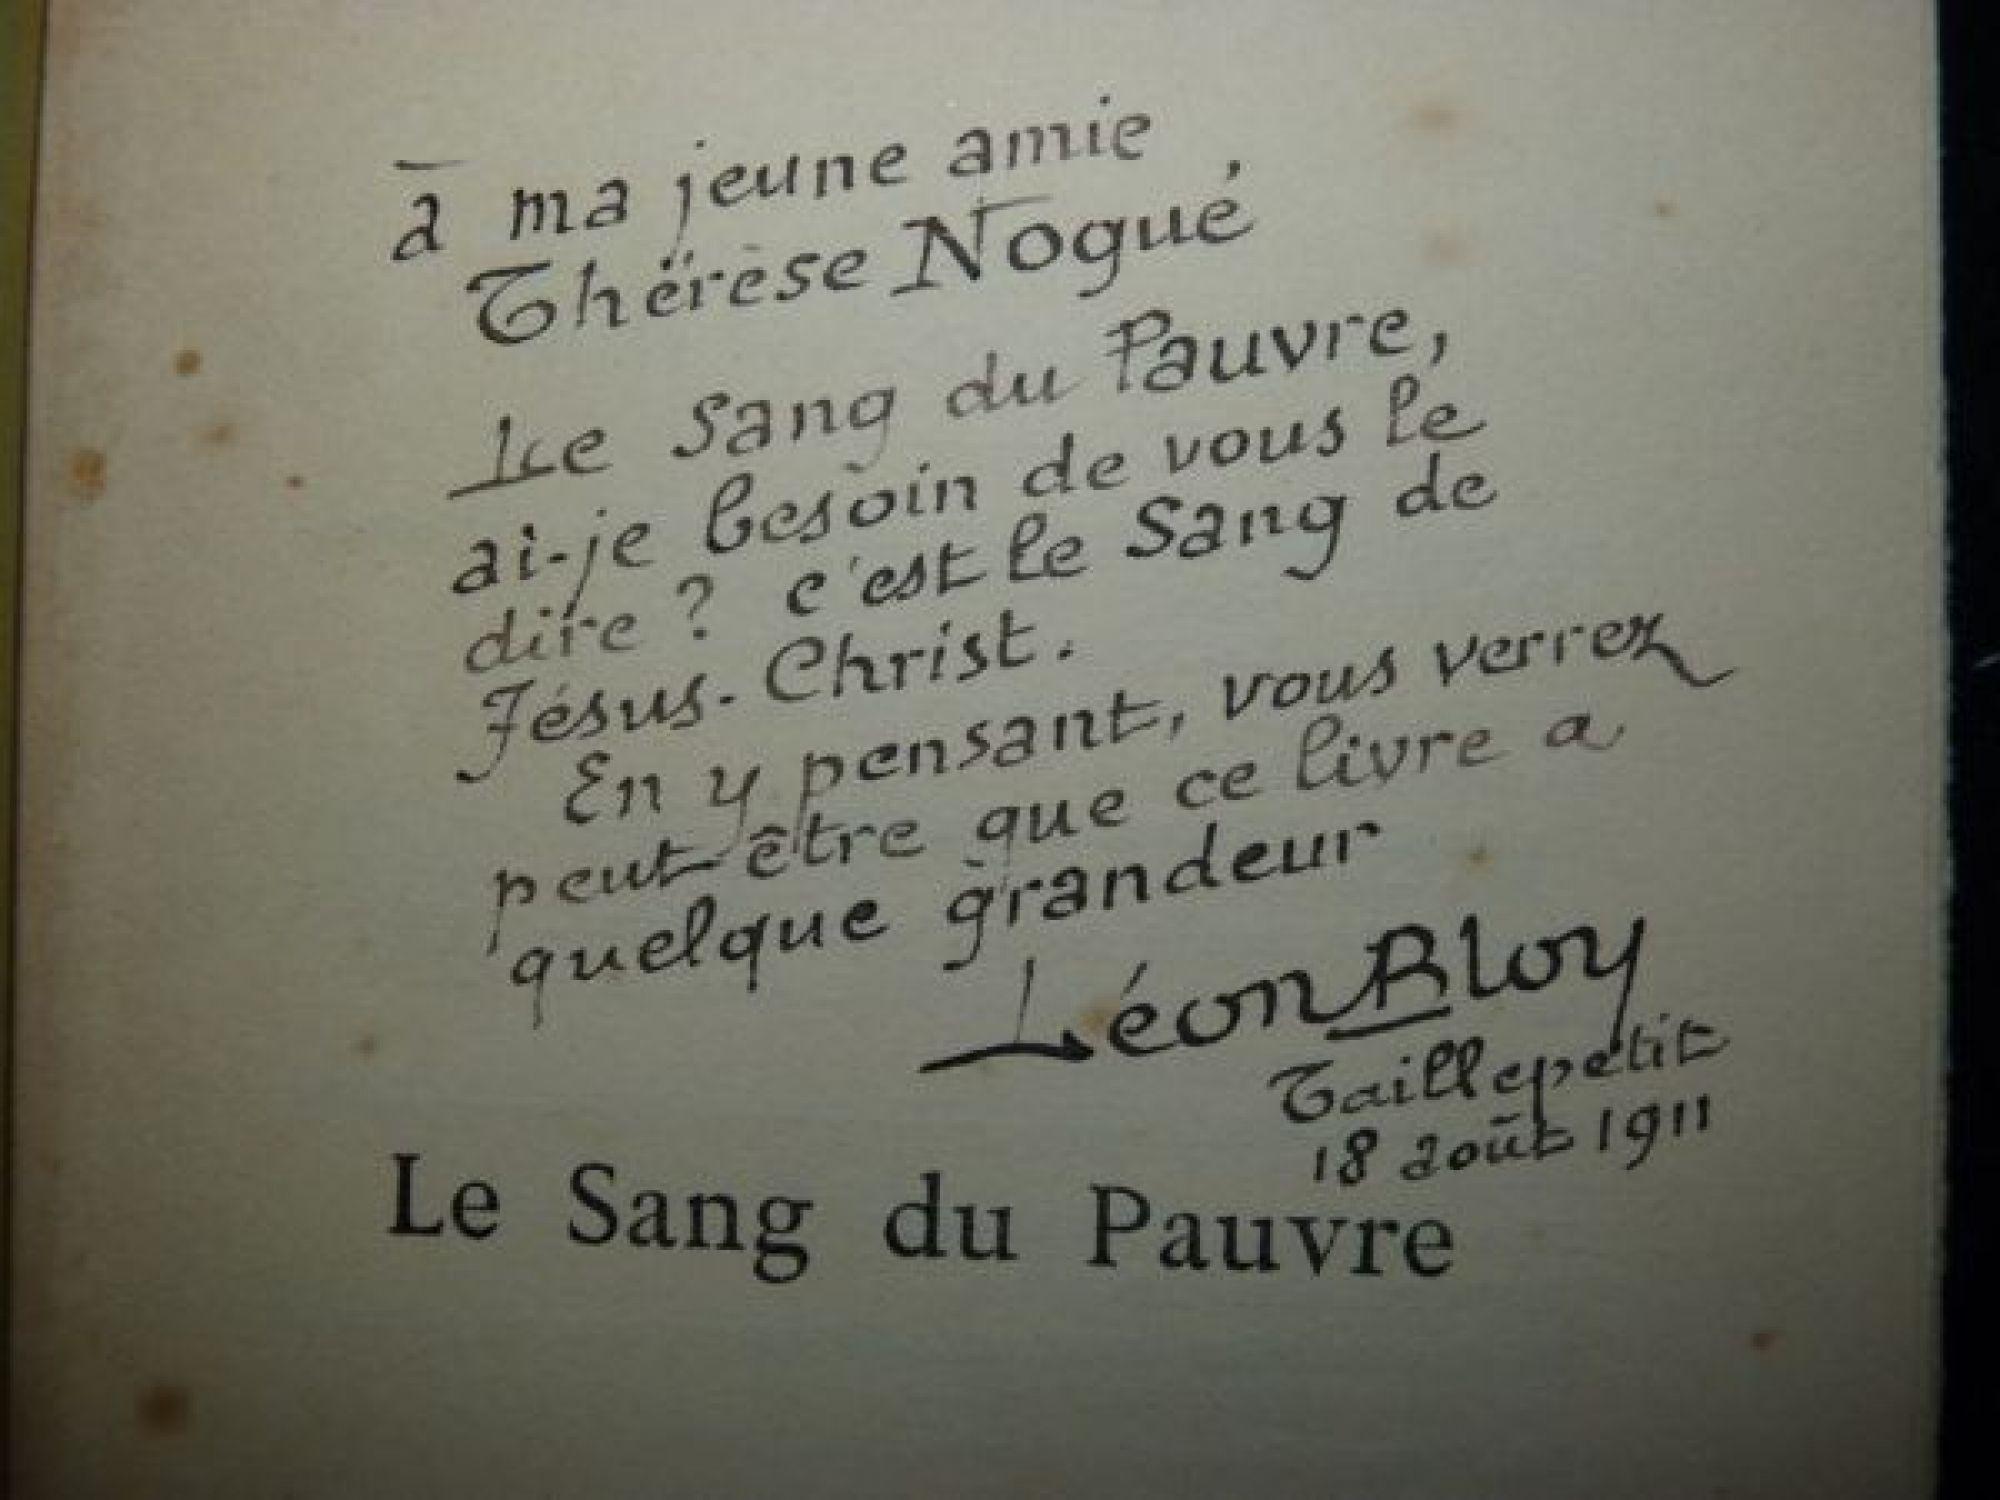 h-3000-bloy_leon_le-sang-du-pauvre_1909_edition-originale_autographe_0_42694.jpg